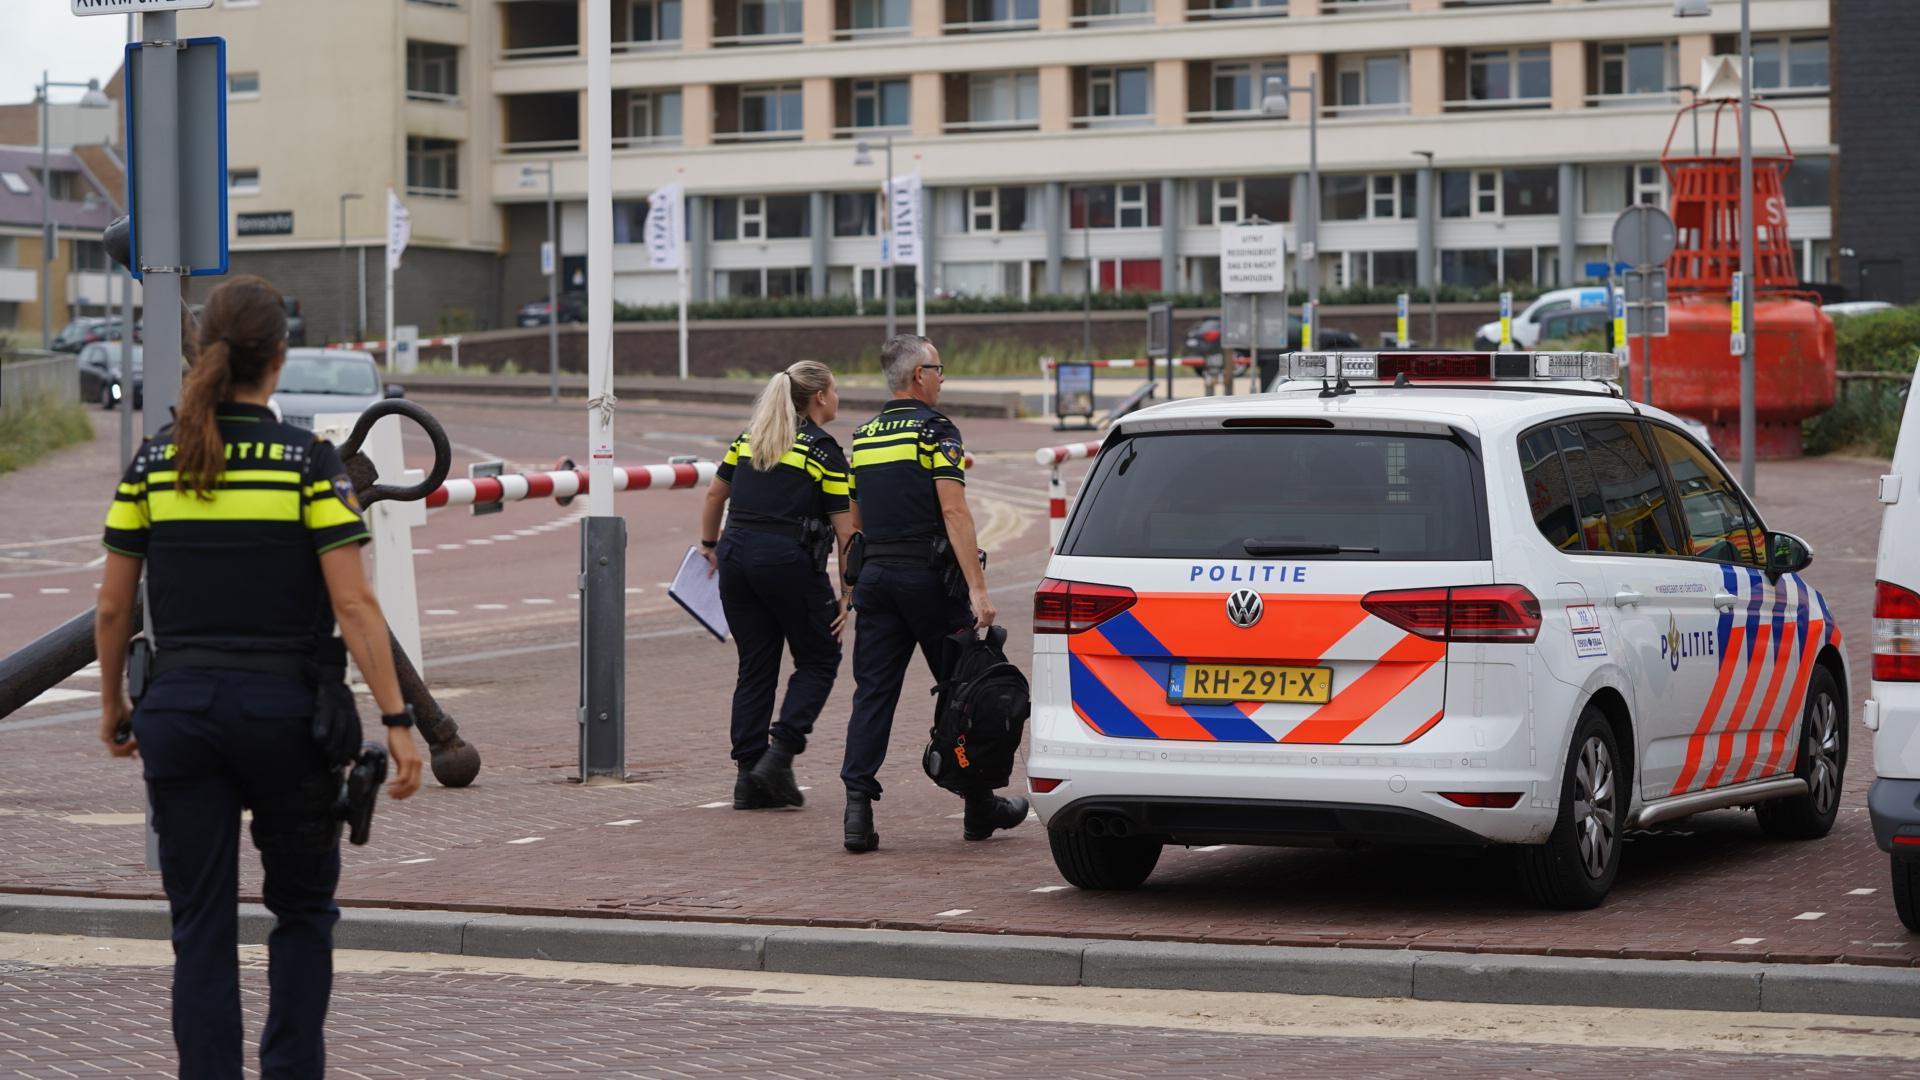 Vermiste 61-jarige man gevonden in Egmond aan Zee na grote zoekactie [update]